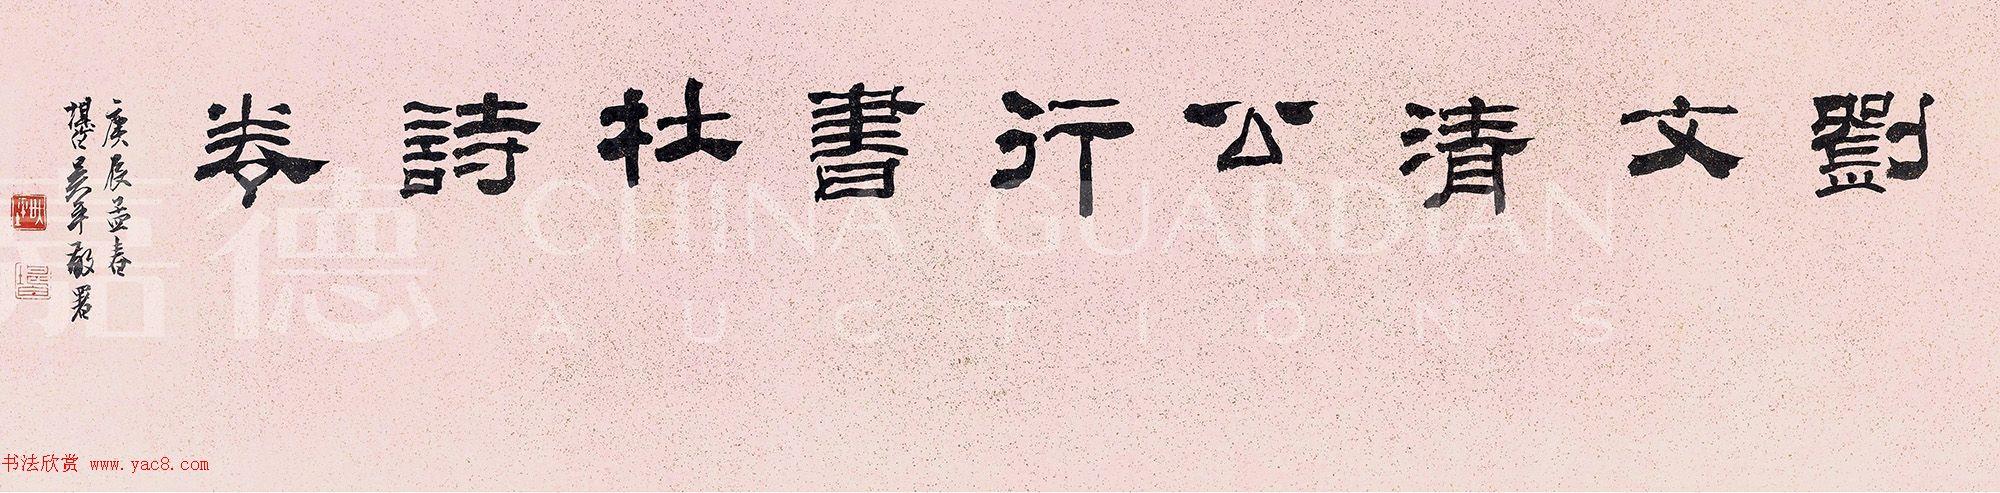 刘墉82岁行书手卷《杜甫诗十首》